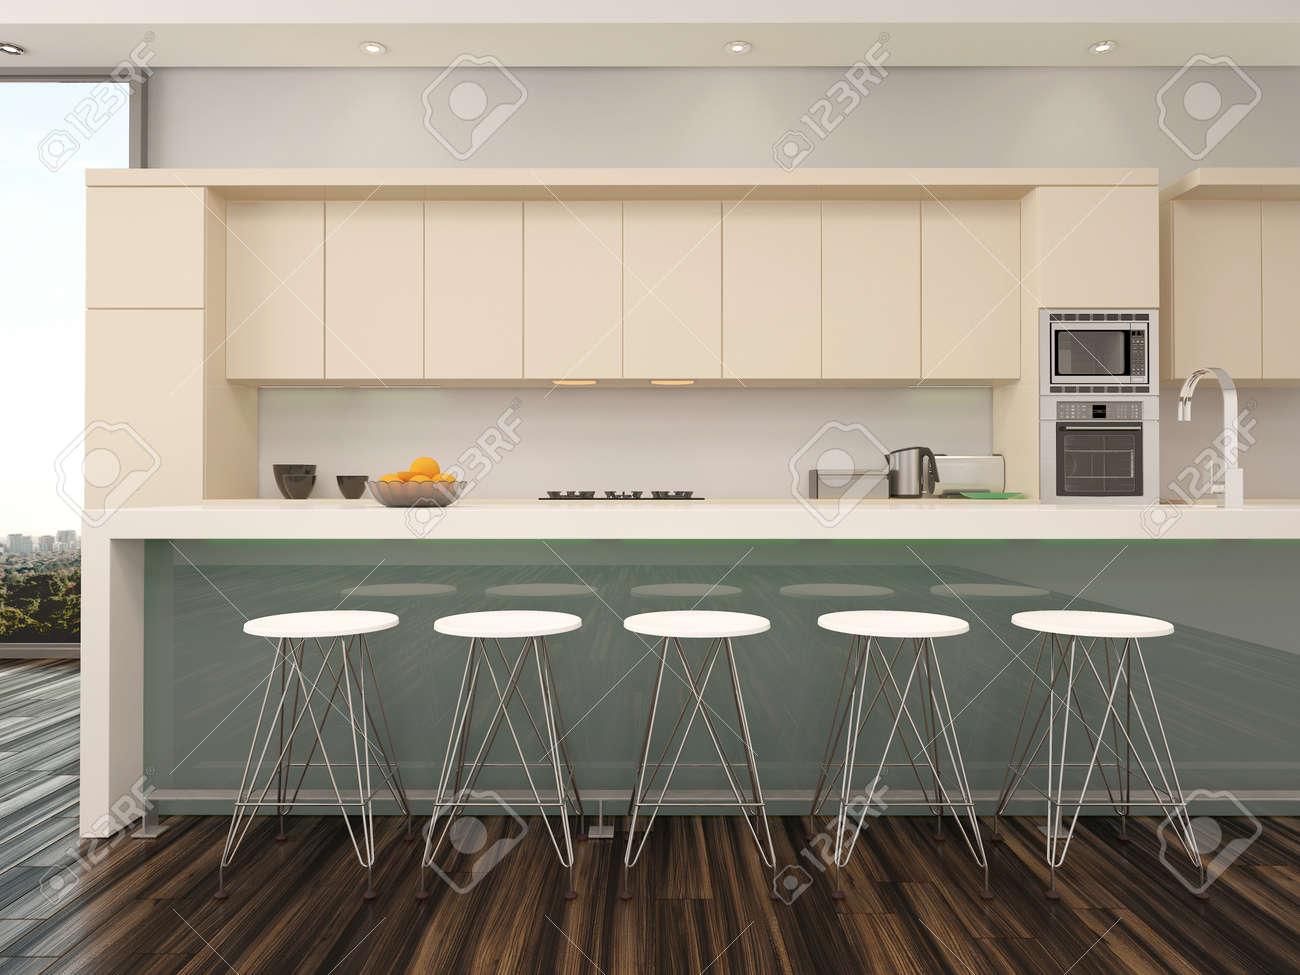 Moderne Offene Wohnung Kuche Interieur Mit Einer Theke Mit